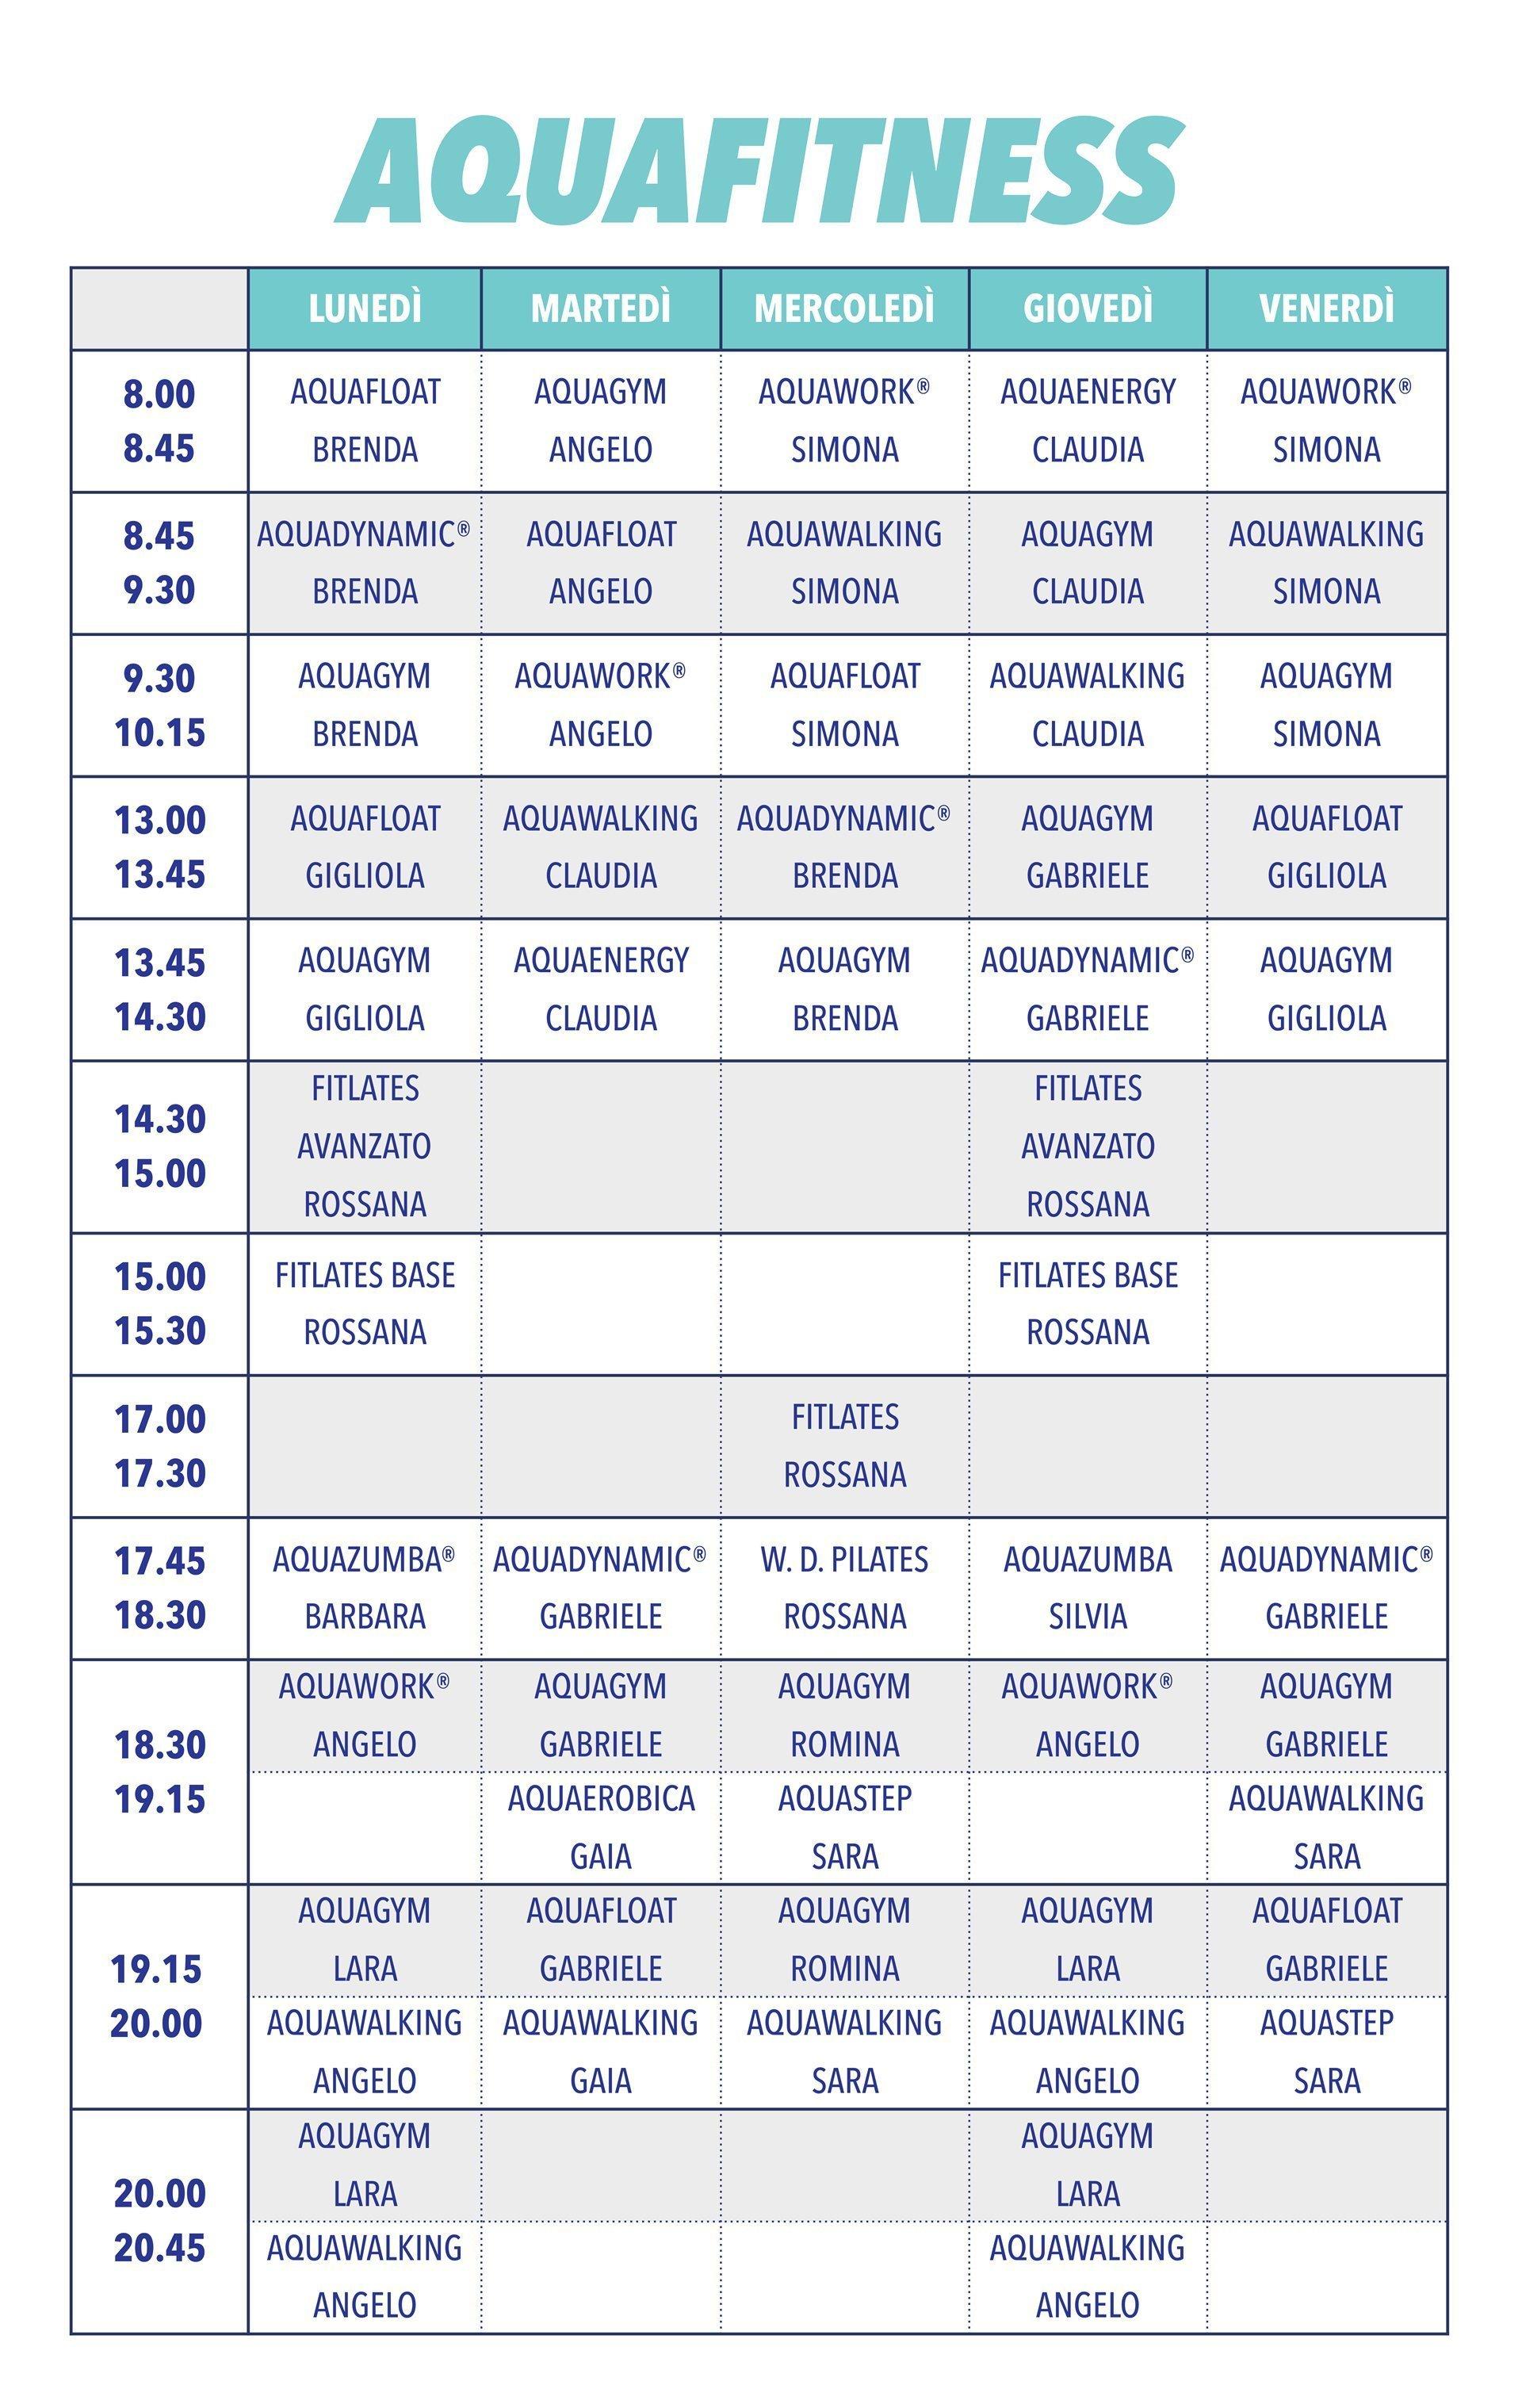 aquafitness orari 6-2019